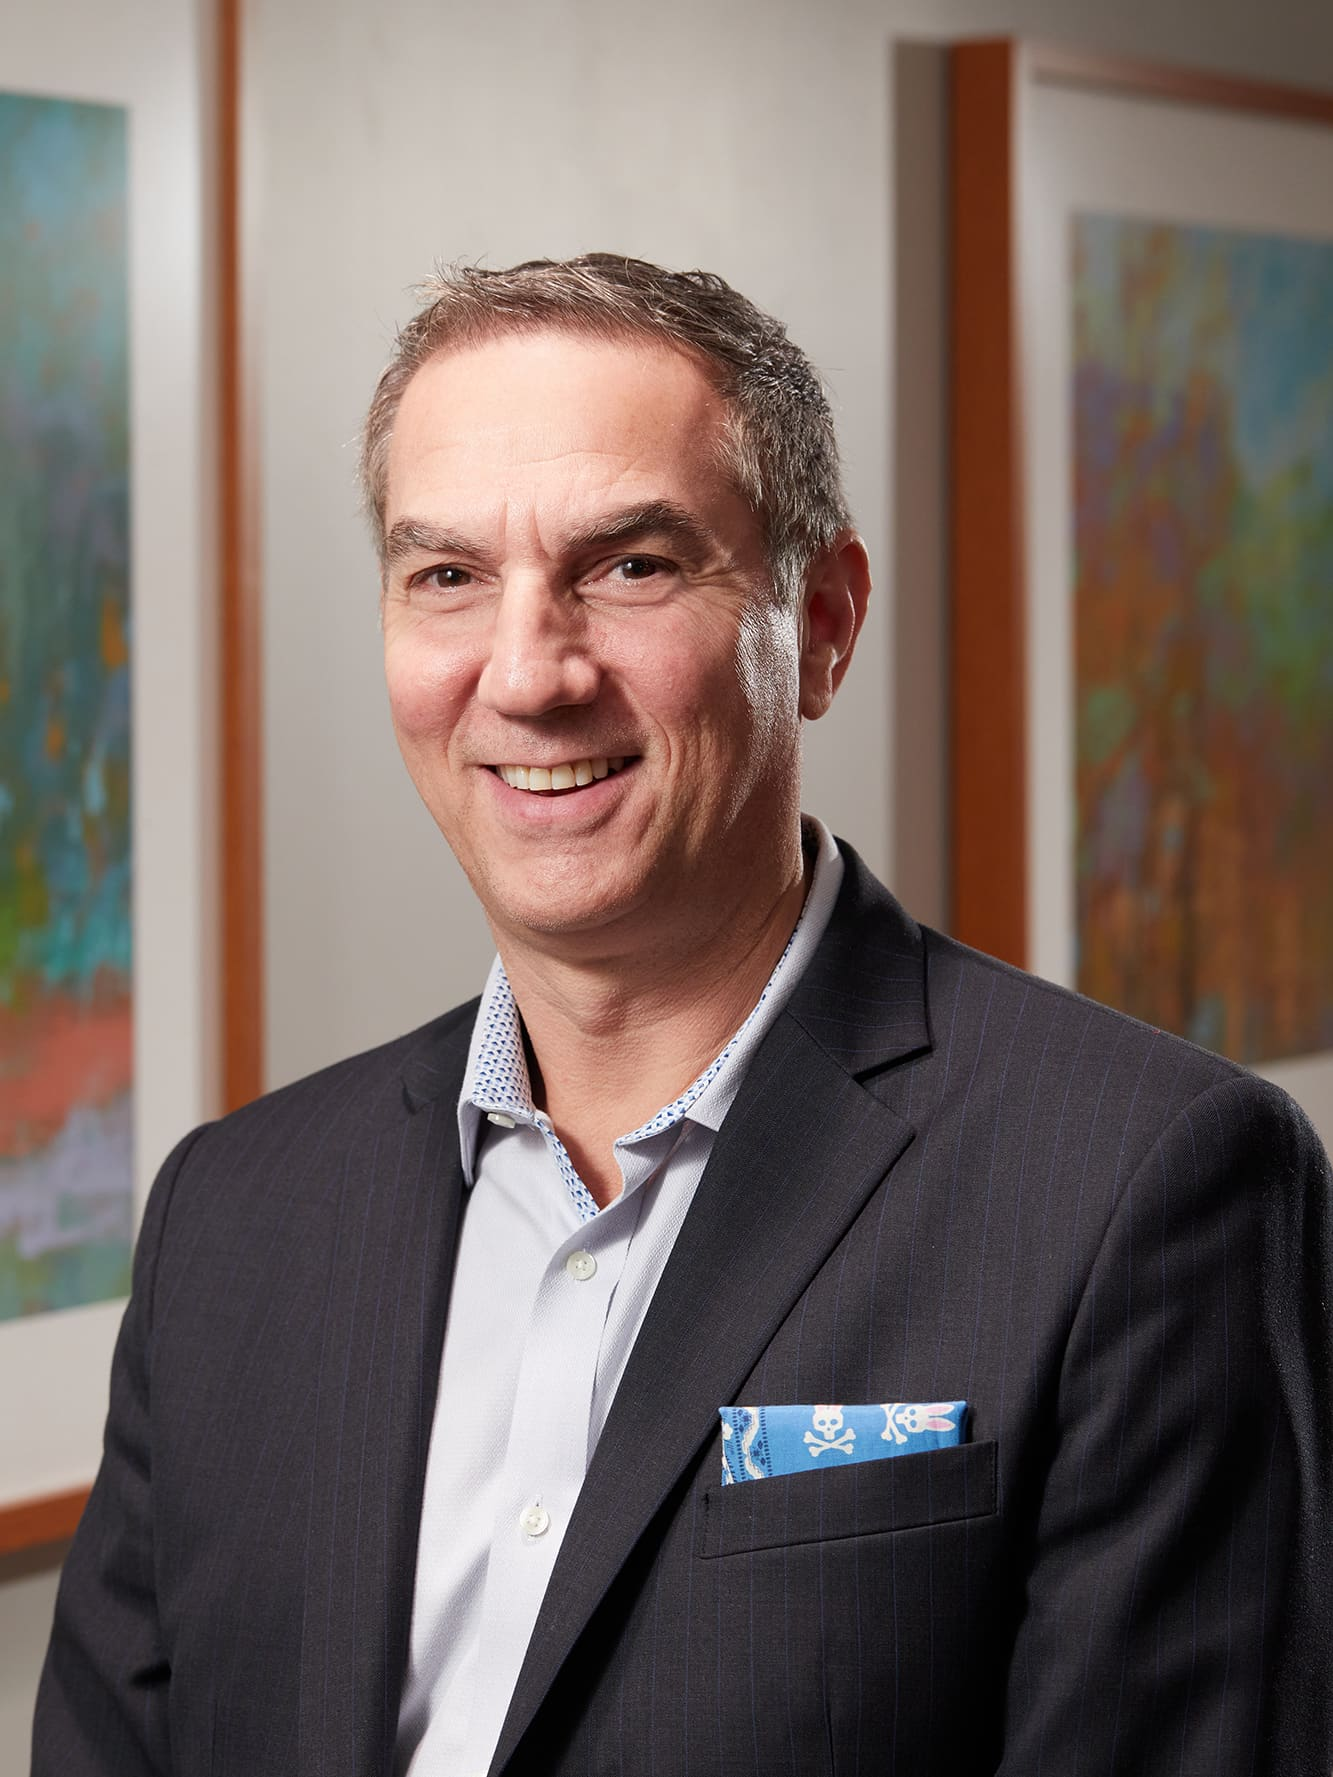 Craig Tifford